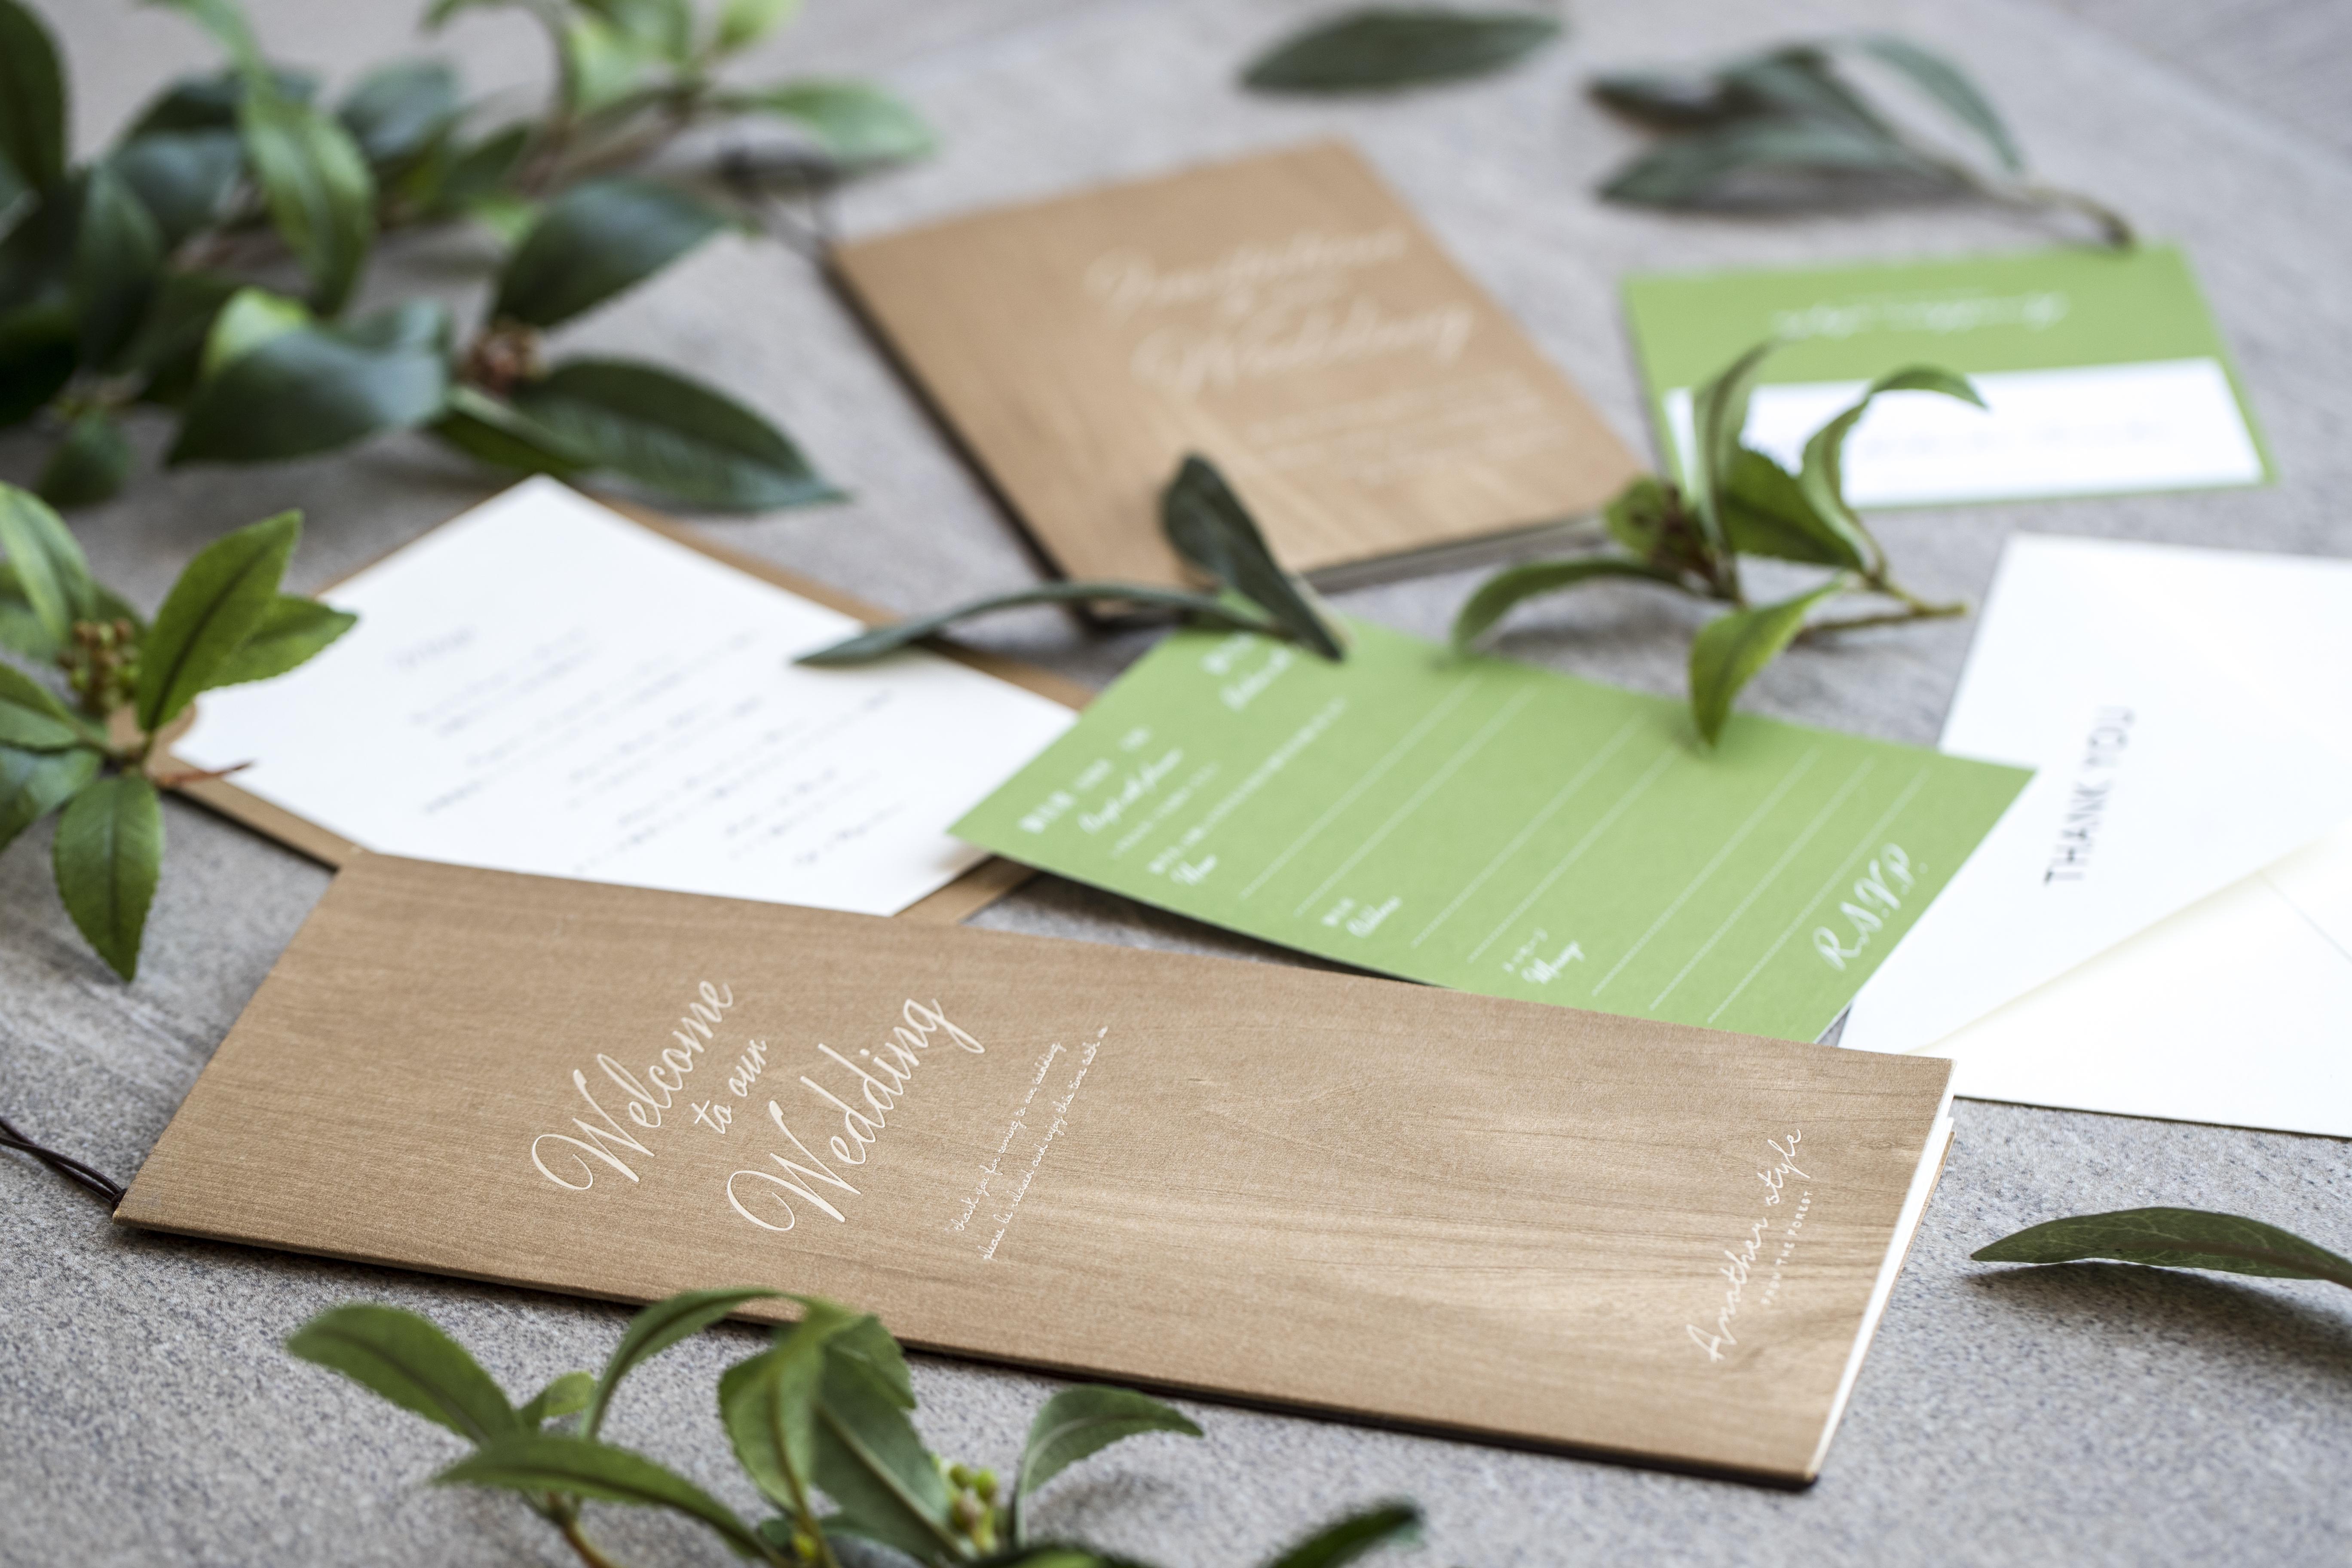 高松市の結婚式場アナザースタイルのオリジナルの招待状、席次表、メニュー表